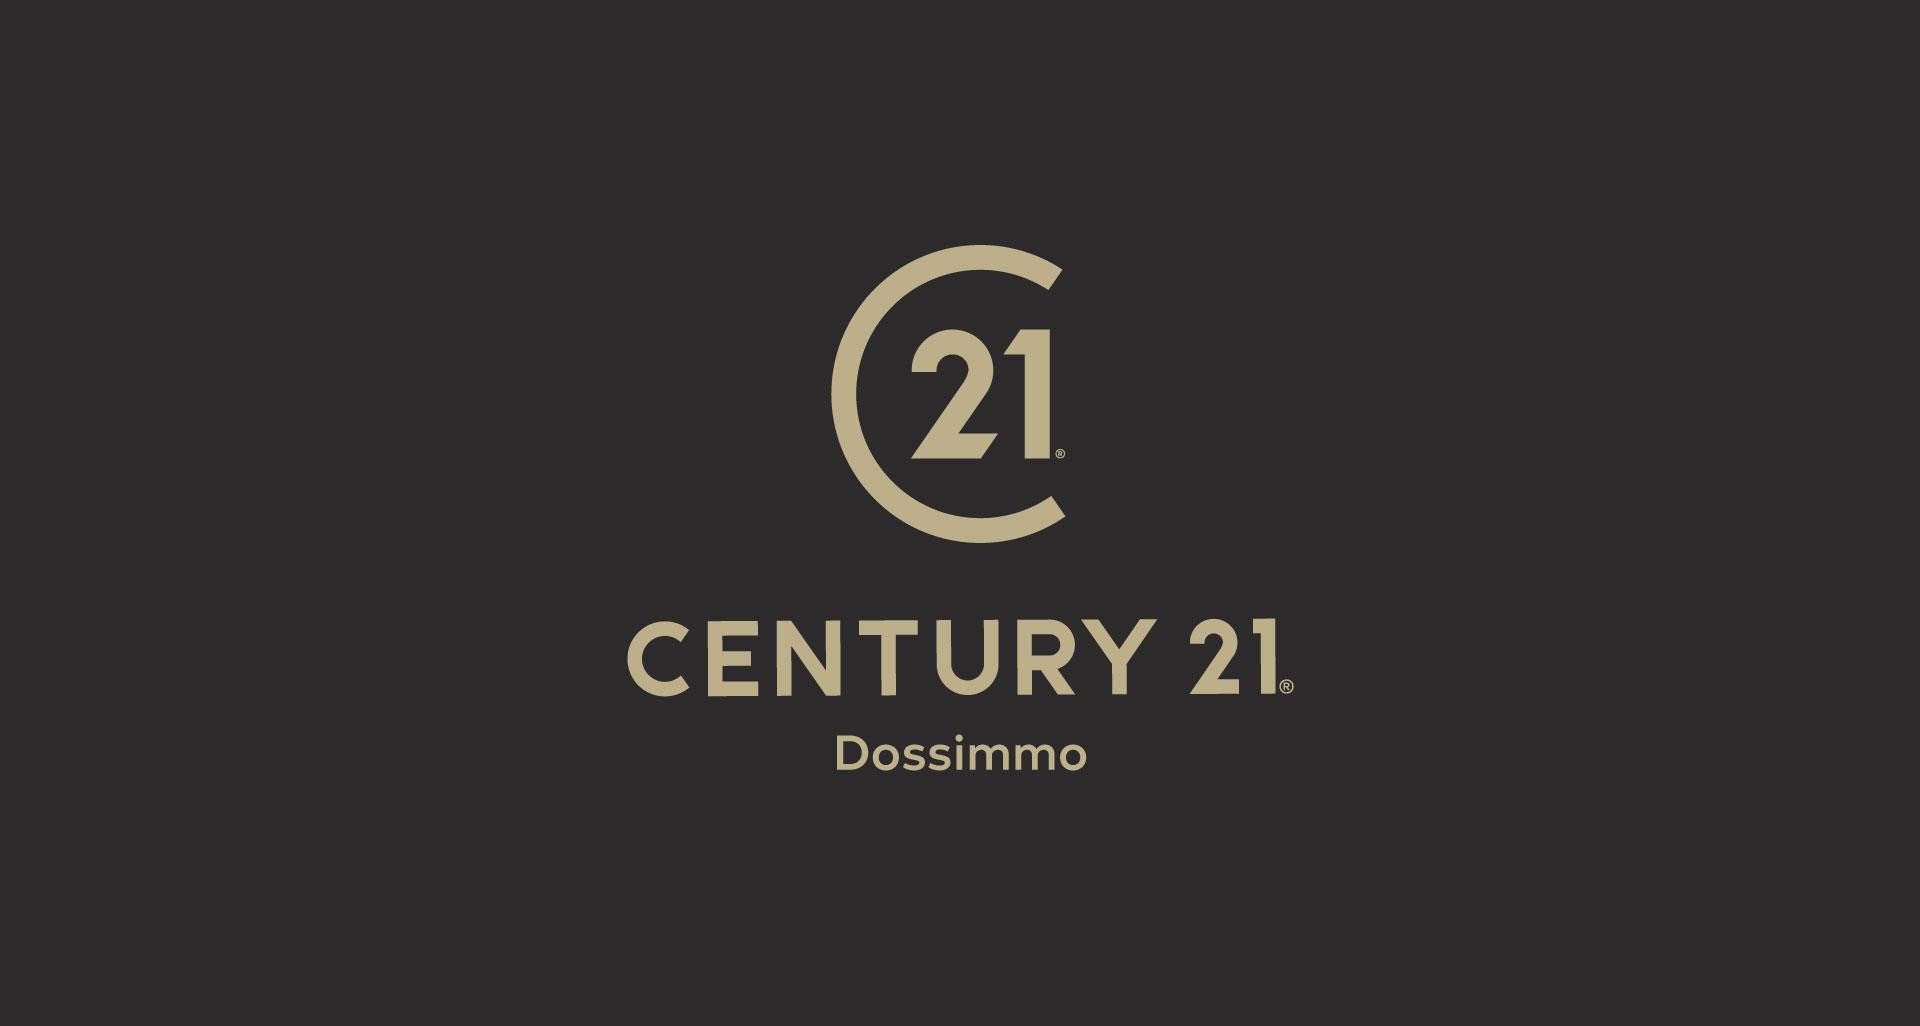 Projet pourCentury 21 – Dossimmo par l'agence Cassian